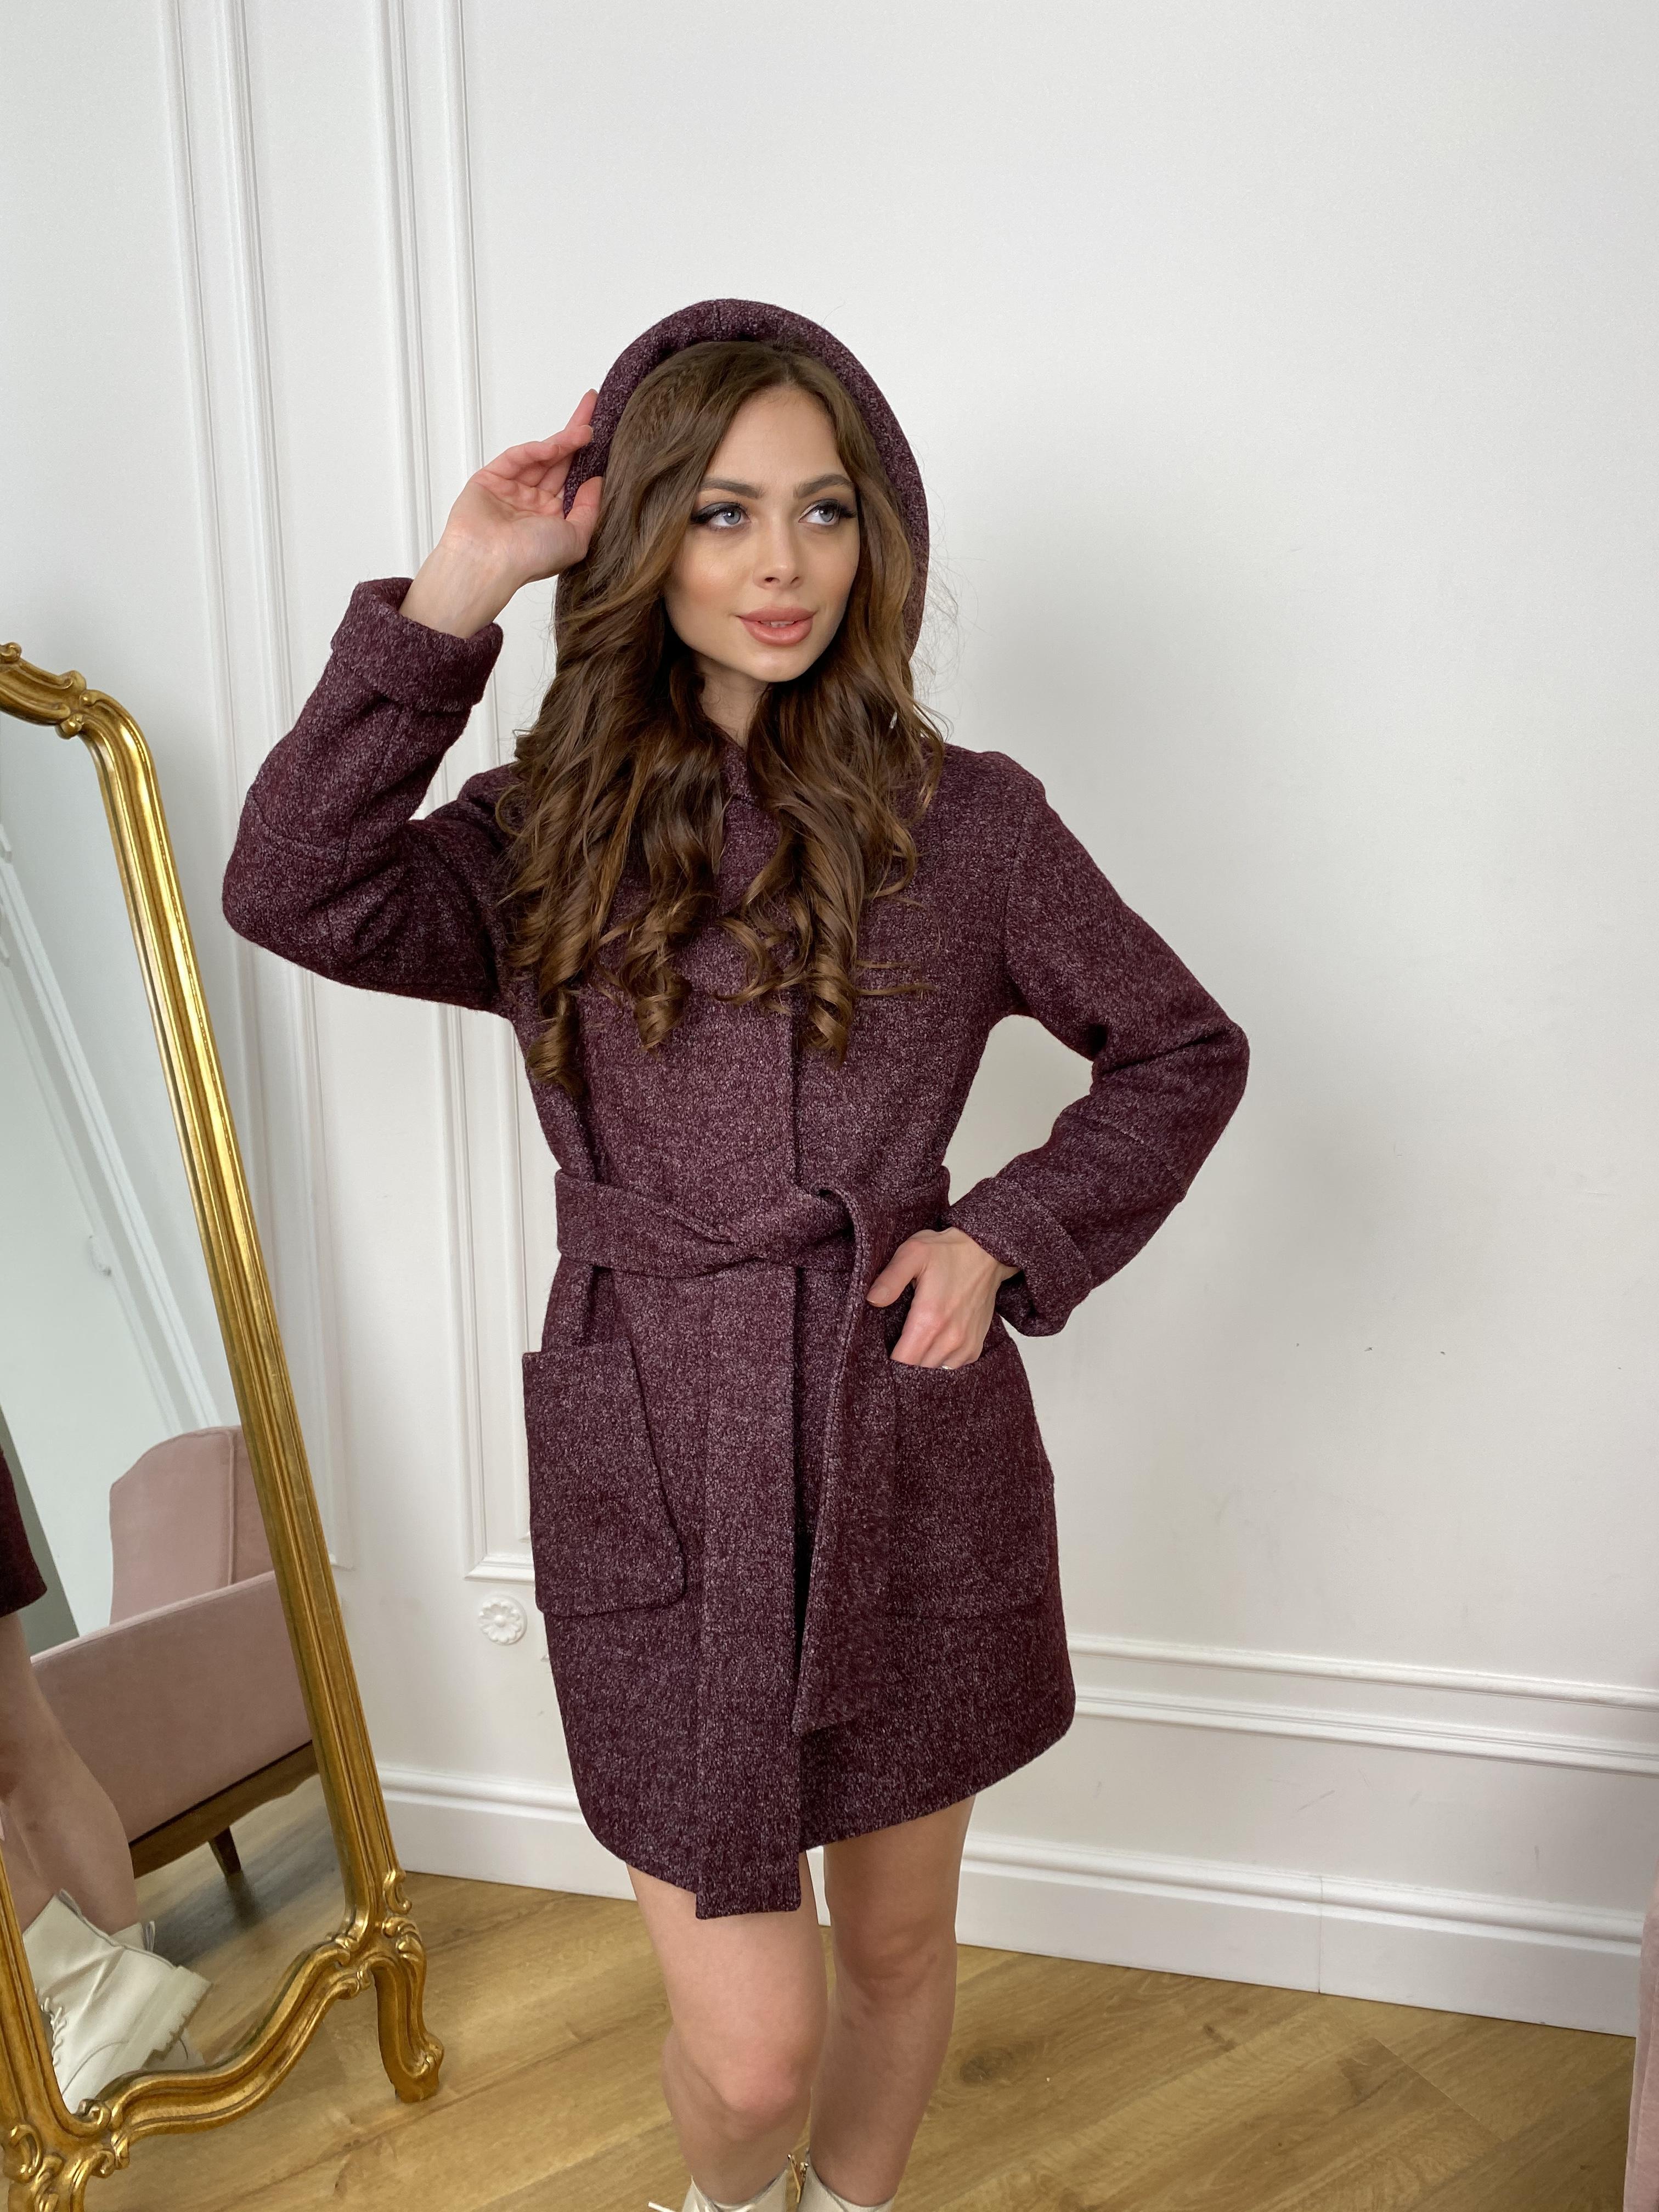 Пальто Анита 9934 АРТ. 46220 Цвет: марсала - фото 2, интернет магазин tm-modus.ru